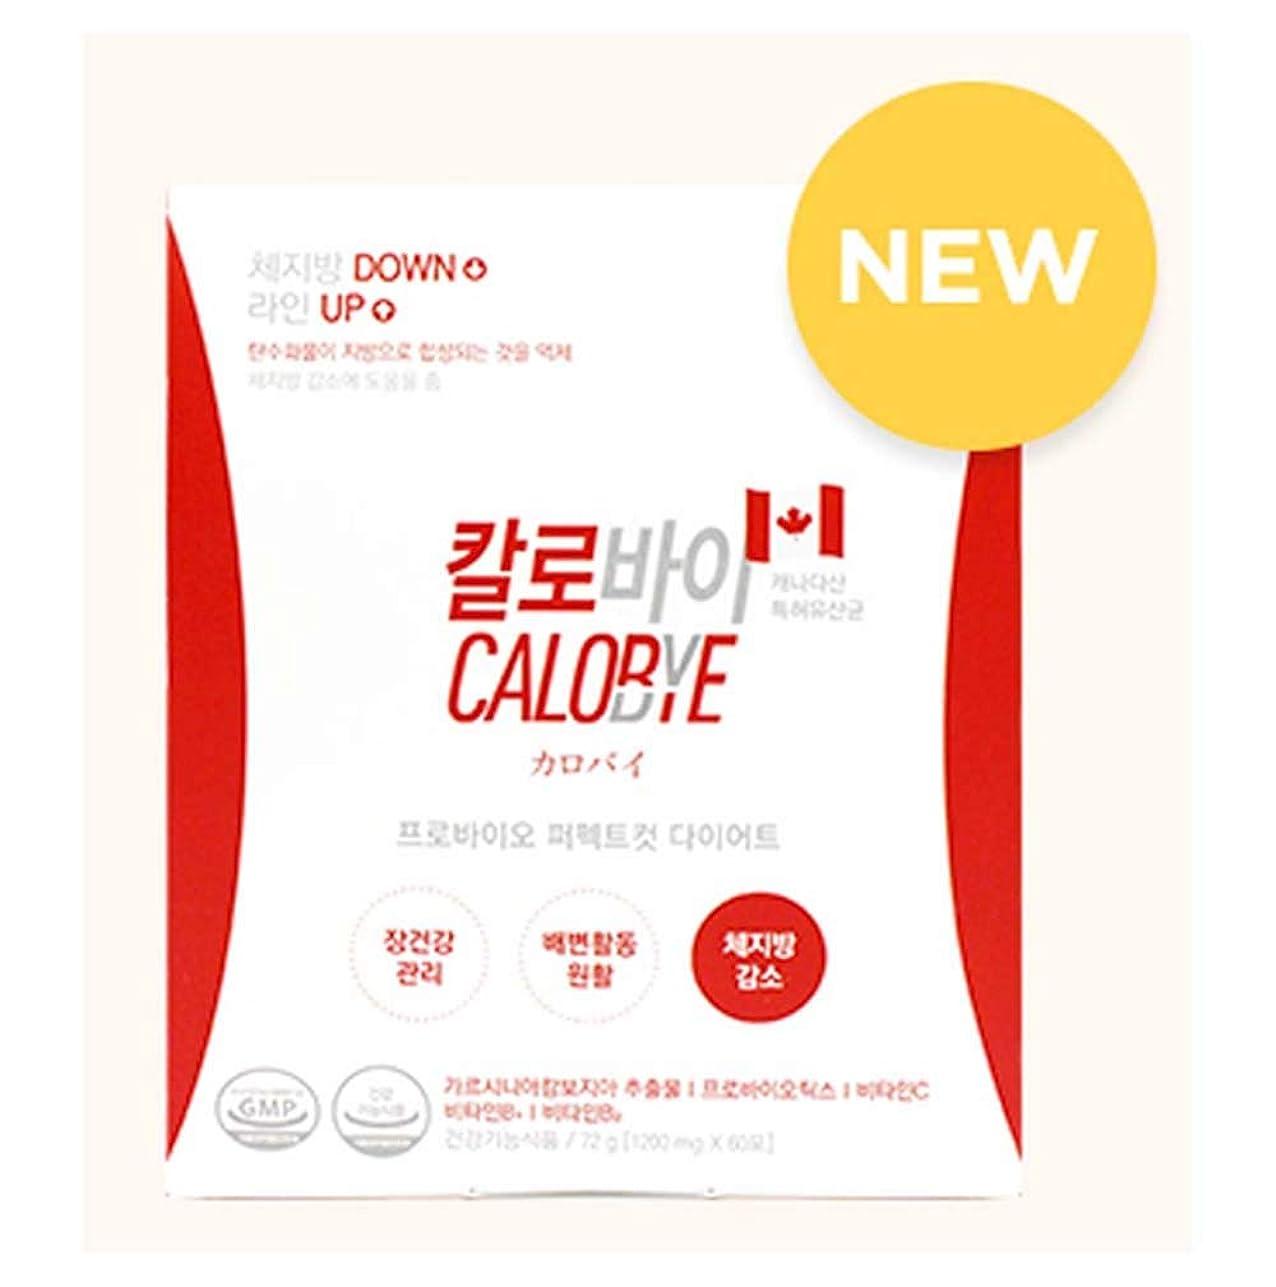 先祖セミナー報奨金New CALOBYE Premium: 減量食薬 Weight Loss Diet for 1month (60 Pouch=240pills/2times in a Day Before a Meal) Made in Korea